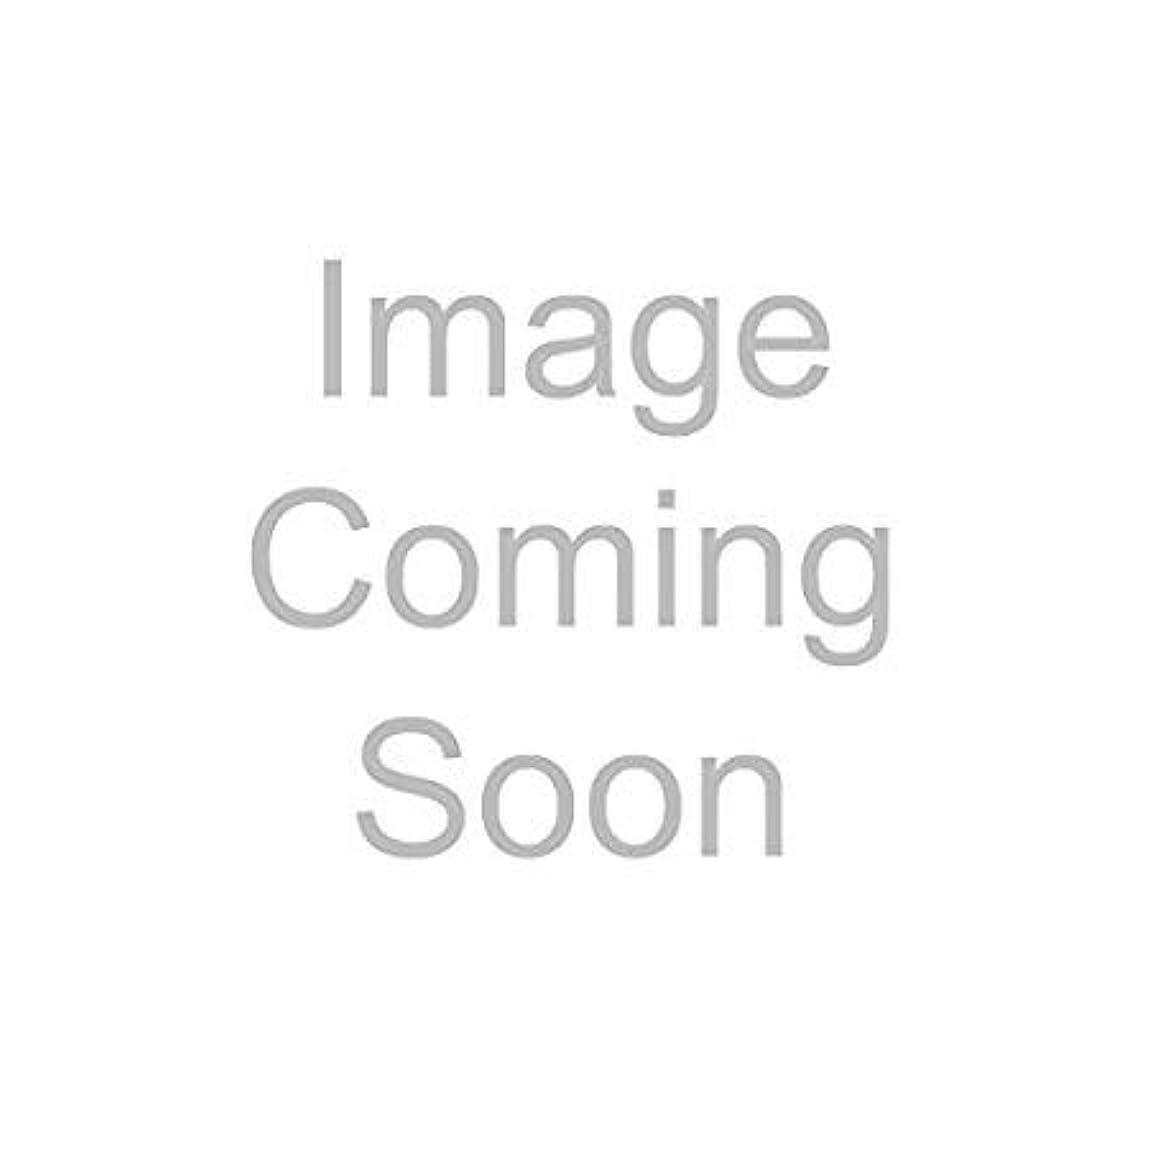 リビジョンチューリップ戦争エスティローダー デイウェアアドバンスドマルチプロテクションアンチオキシダントクリームSPF15(ドライスキン用) 50ml/1.7oz